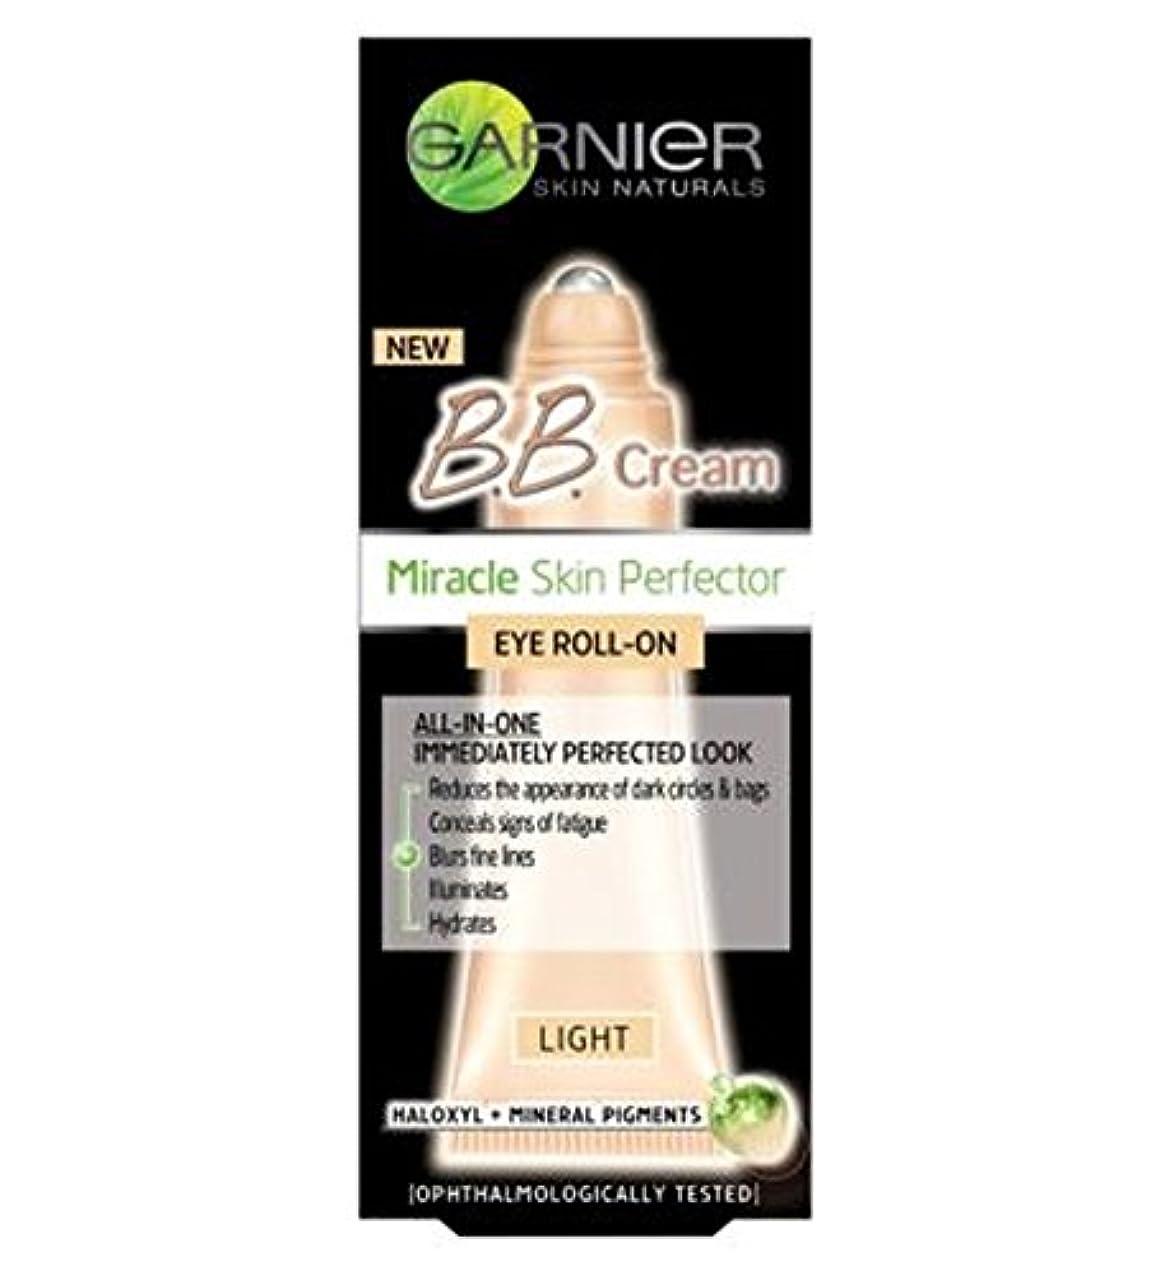 表面忠実な安価なガルニエ皮膚ナチュラルBbクリームスキンパーフェクアイロールオン光7ミリリットル (Garnier) (x2) - Garnier Skin Naturals BB Cream Skin Perfector Eye Roll-On Light 7ml (Pack of 2) [並行輸入品]